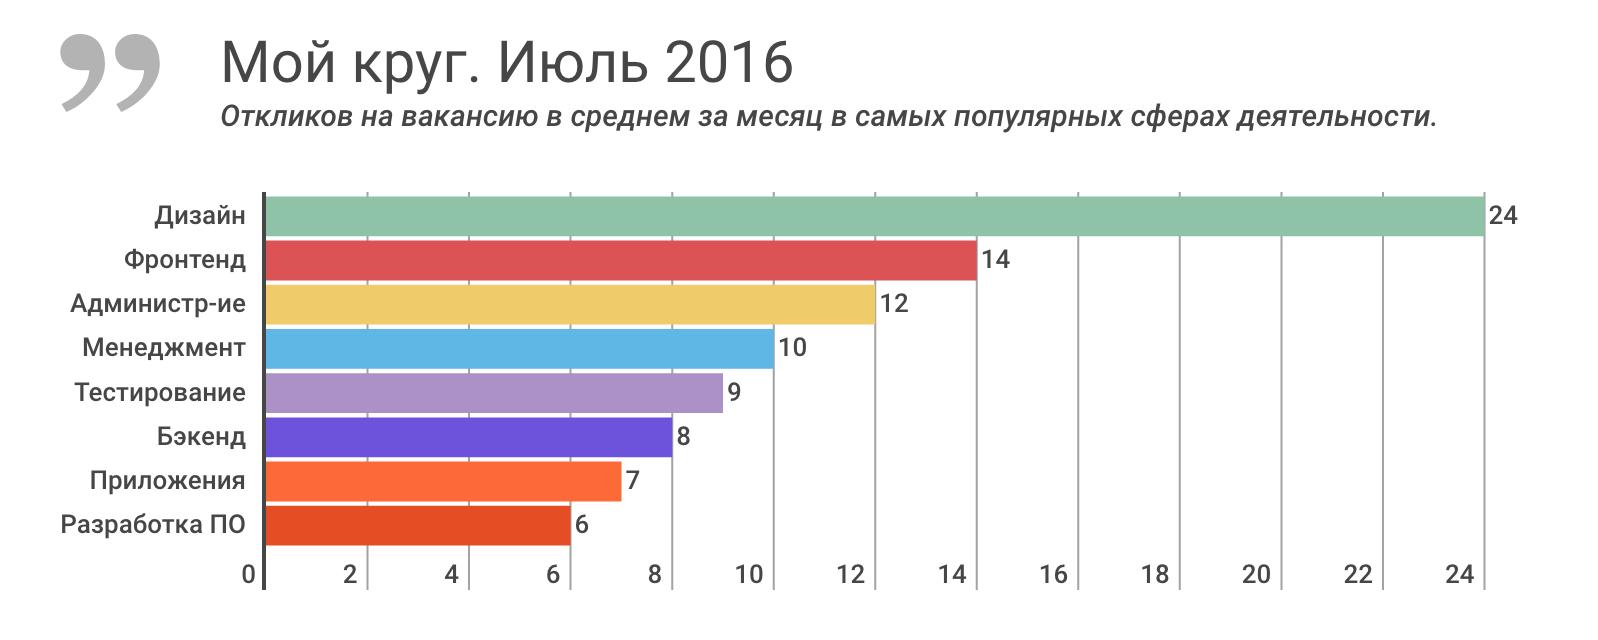 Отчет о результатах «Моего круга» за июль 2016, и самые популярные вакансии месяца - 1